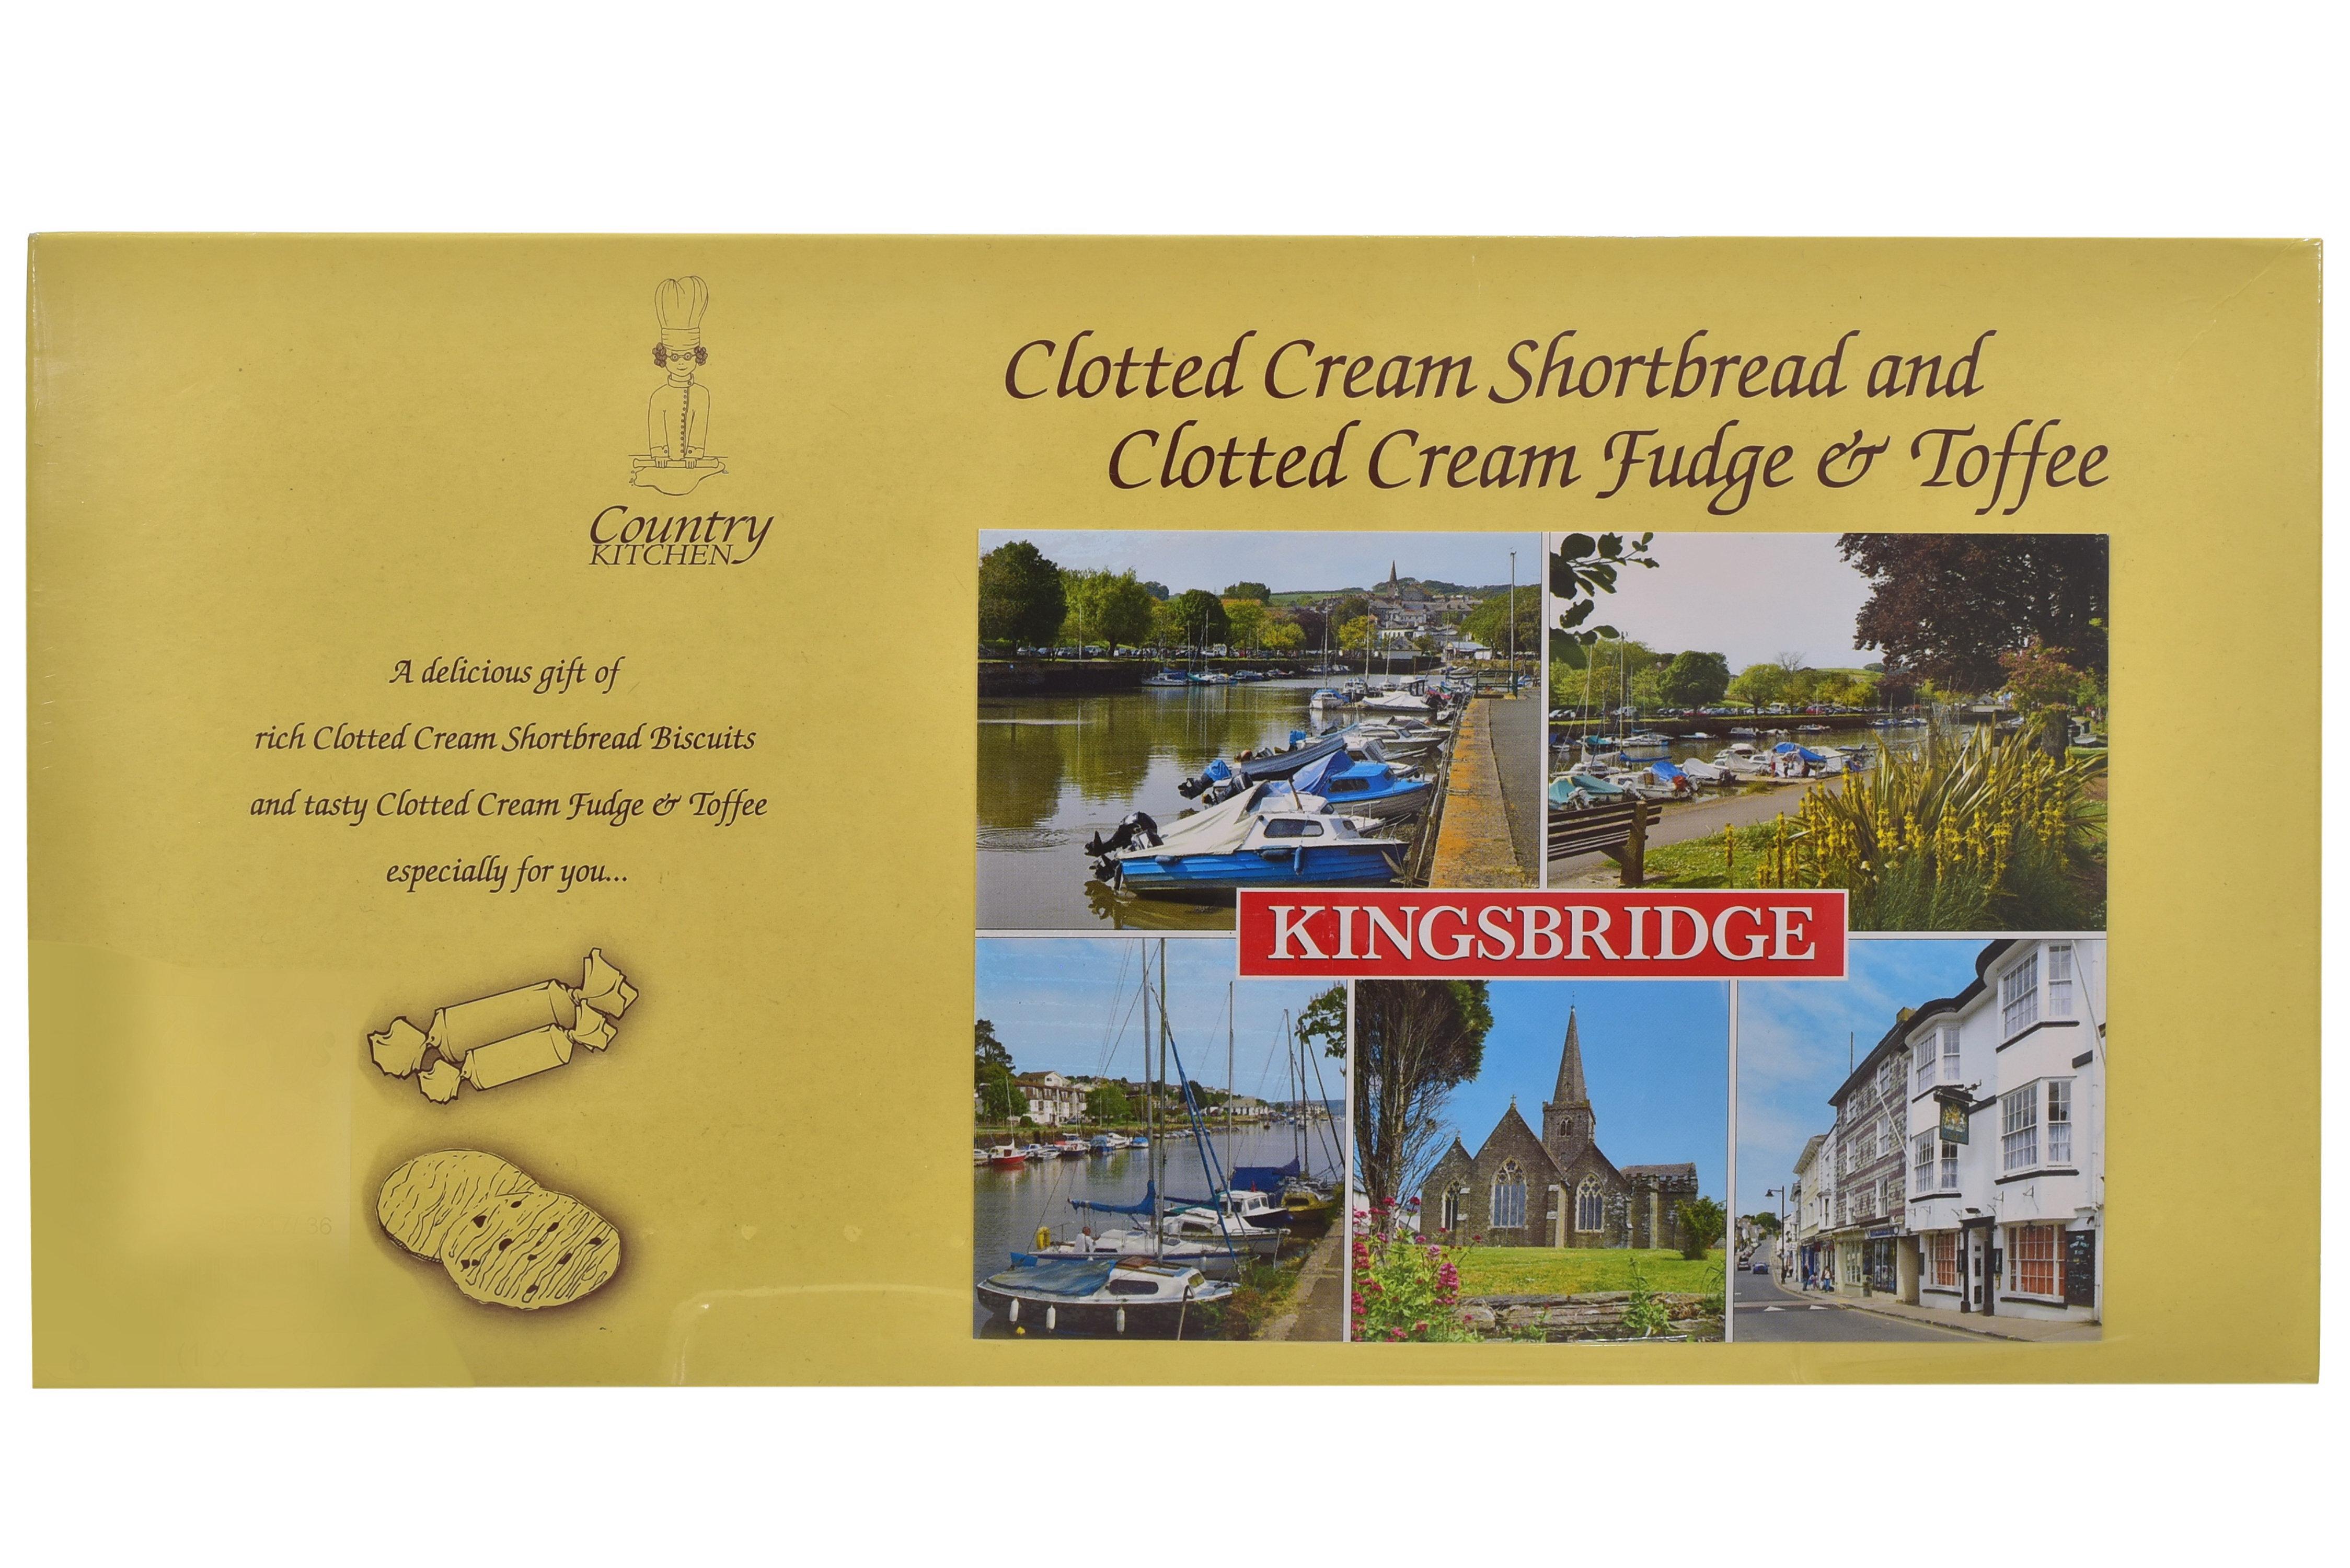 400g C/Cream S/Bread + C/C Fudge & C/C Toffee Gift Box